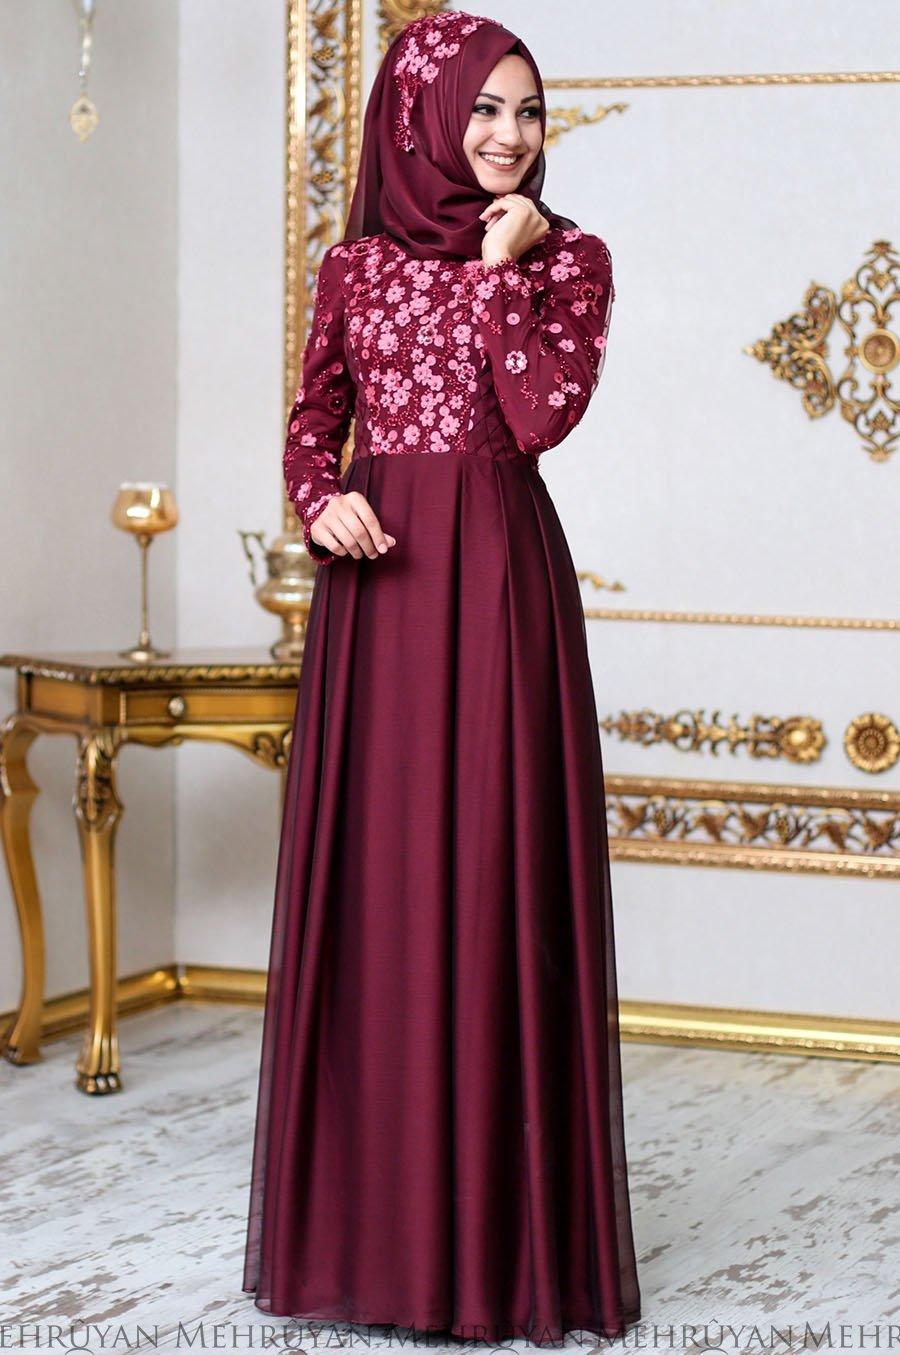 2018 An Nahar Tesettur Abiye Elbise Modelleri 2 - 2018 Sedanur Tesettür Abiye Elbise Modelleri